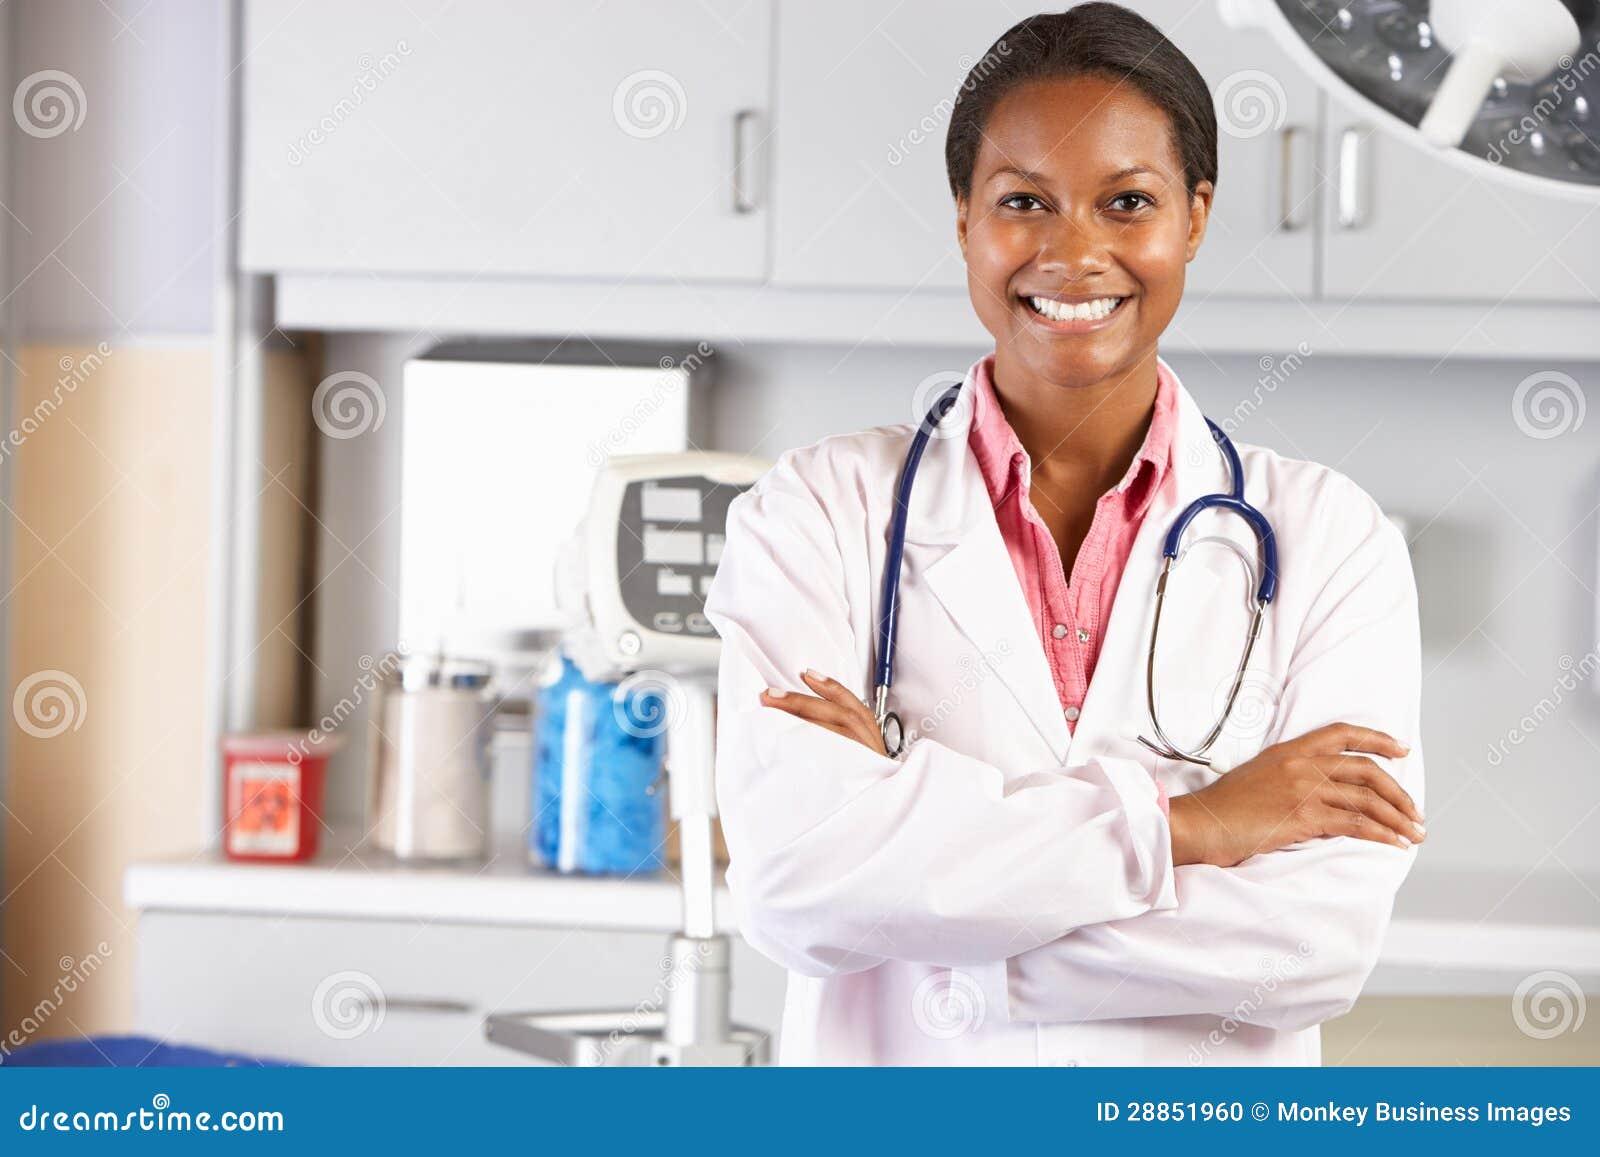 Фото в кабинете у врача 21 фотография